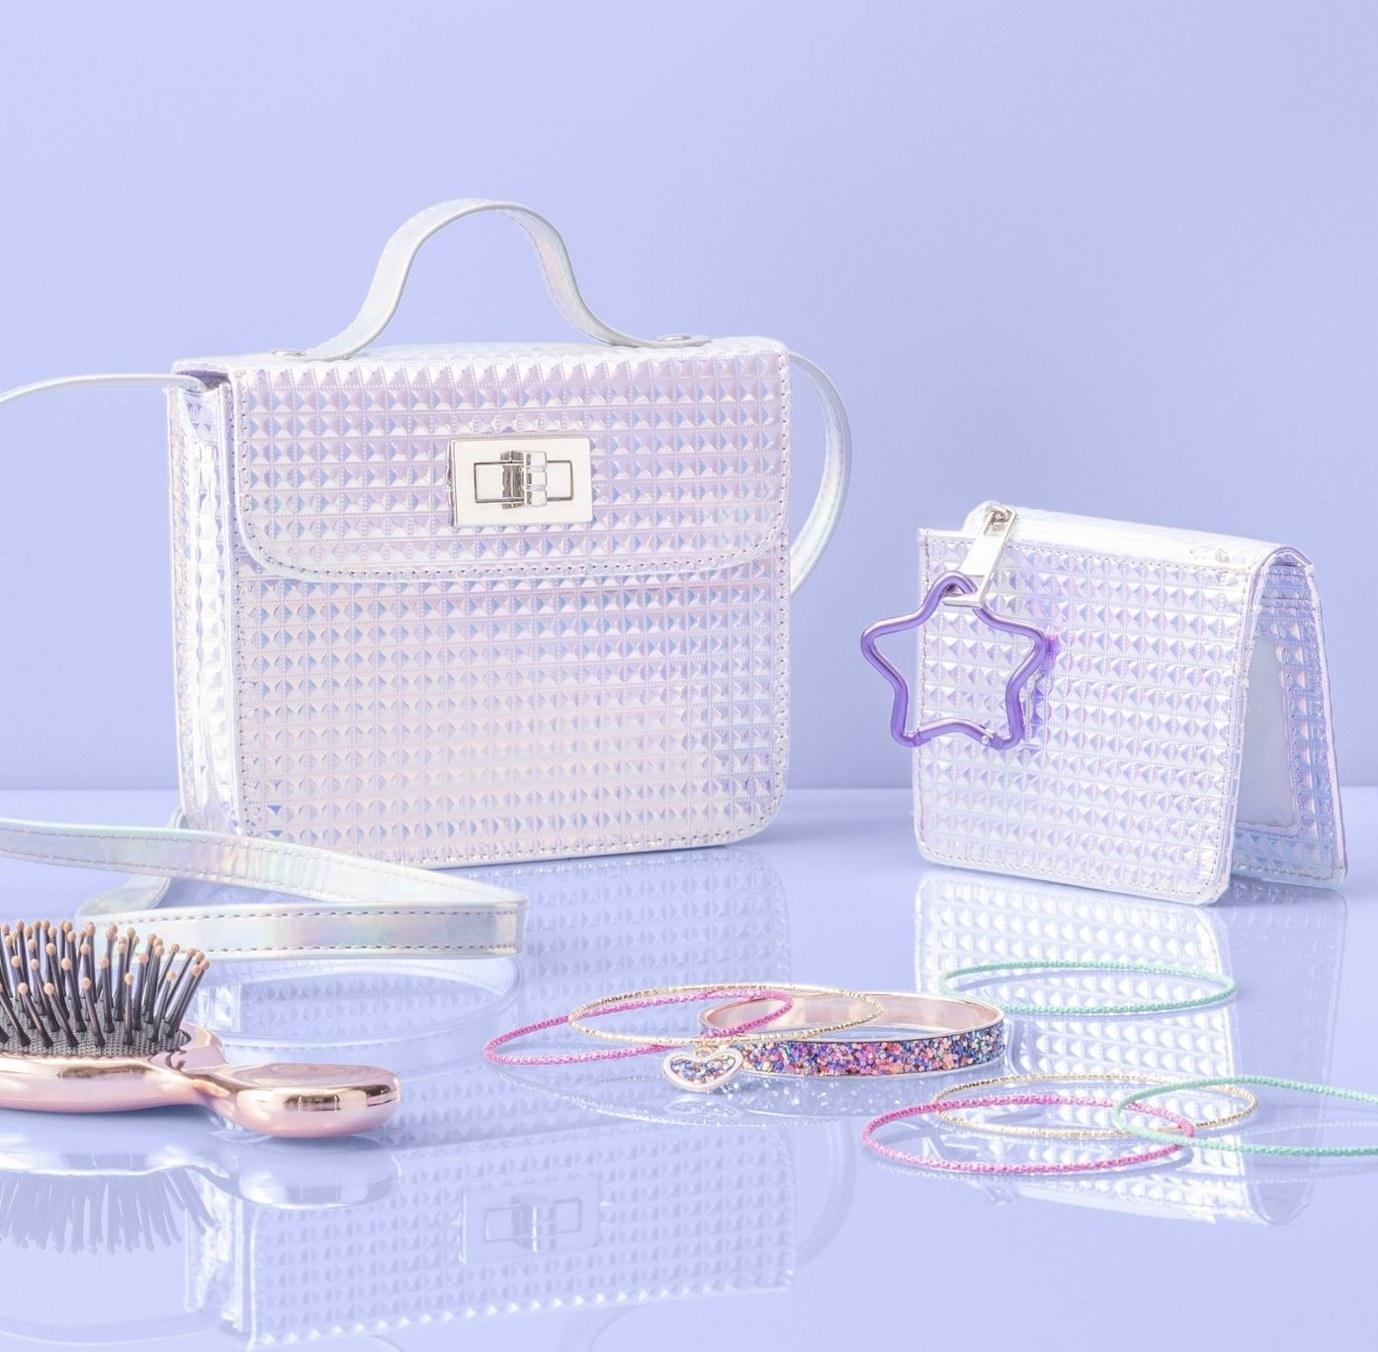 A small hair brush, hair elastics and silver purses